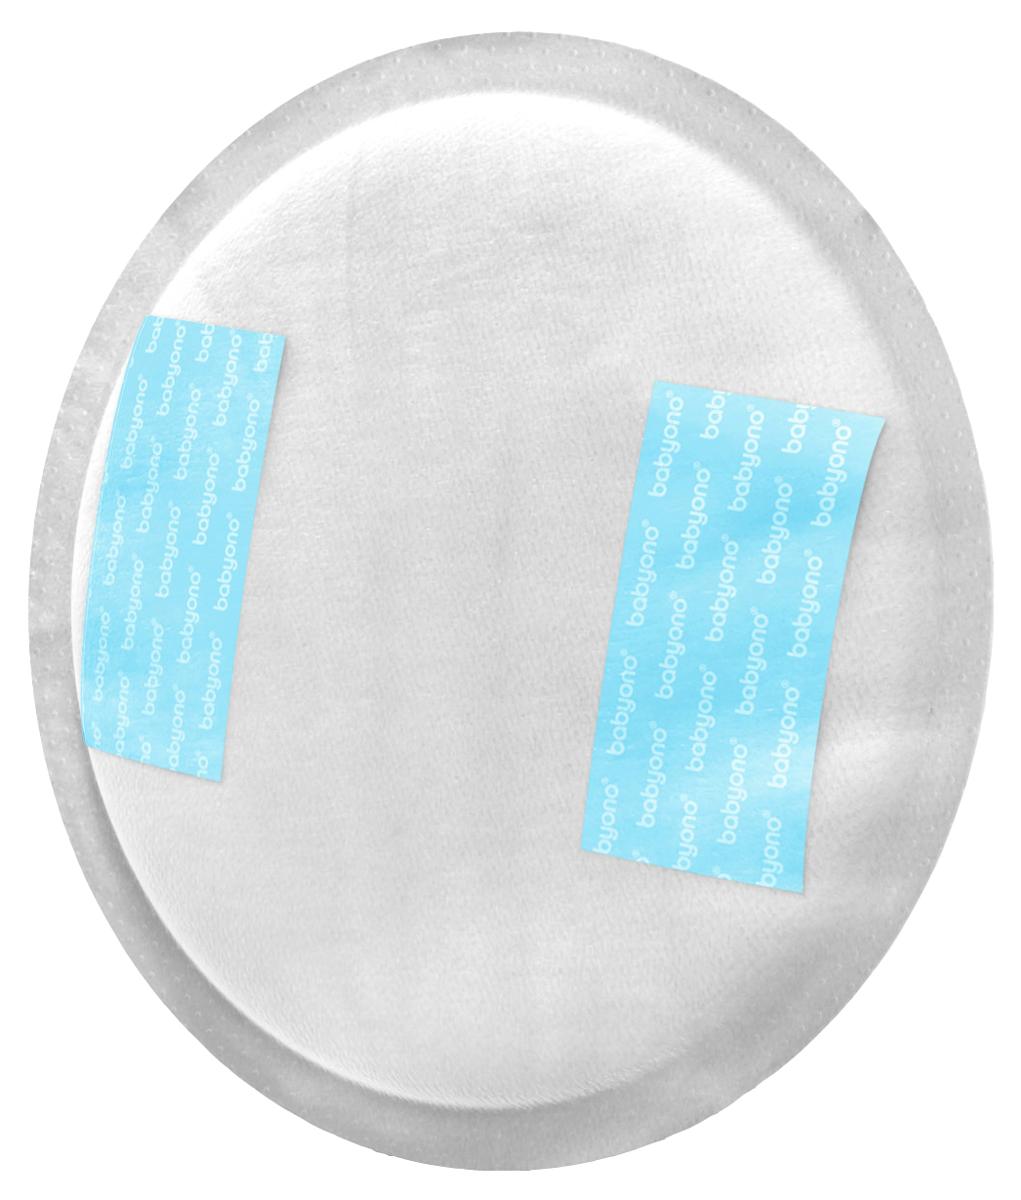 BabyOno Прокладки для бюстгалтера Premium 60 шт